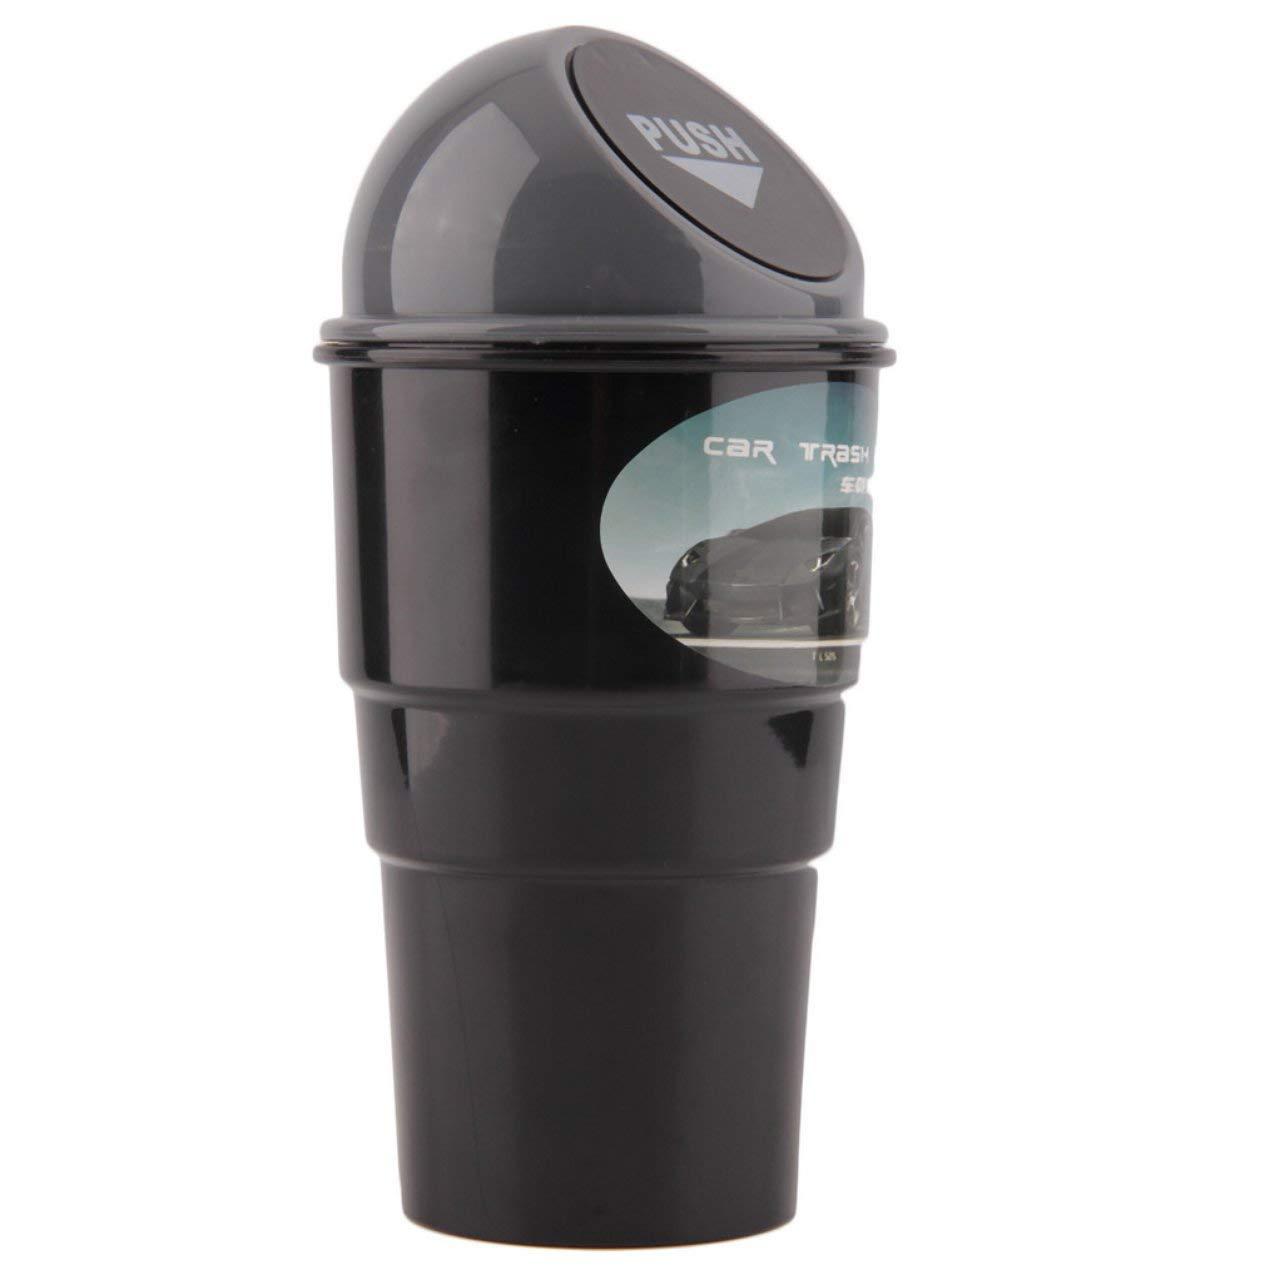 EdBerk74 Mini Qualified Delicate Delicado Coche Basura Puede veh/ículo Papelera de Basura Bolsa de Polvo Caso Basura contenedor